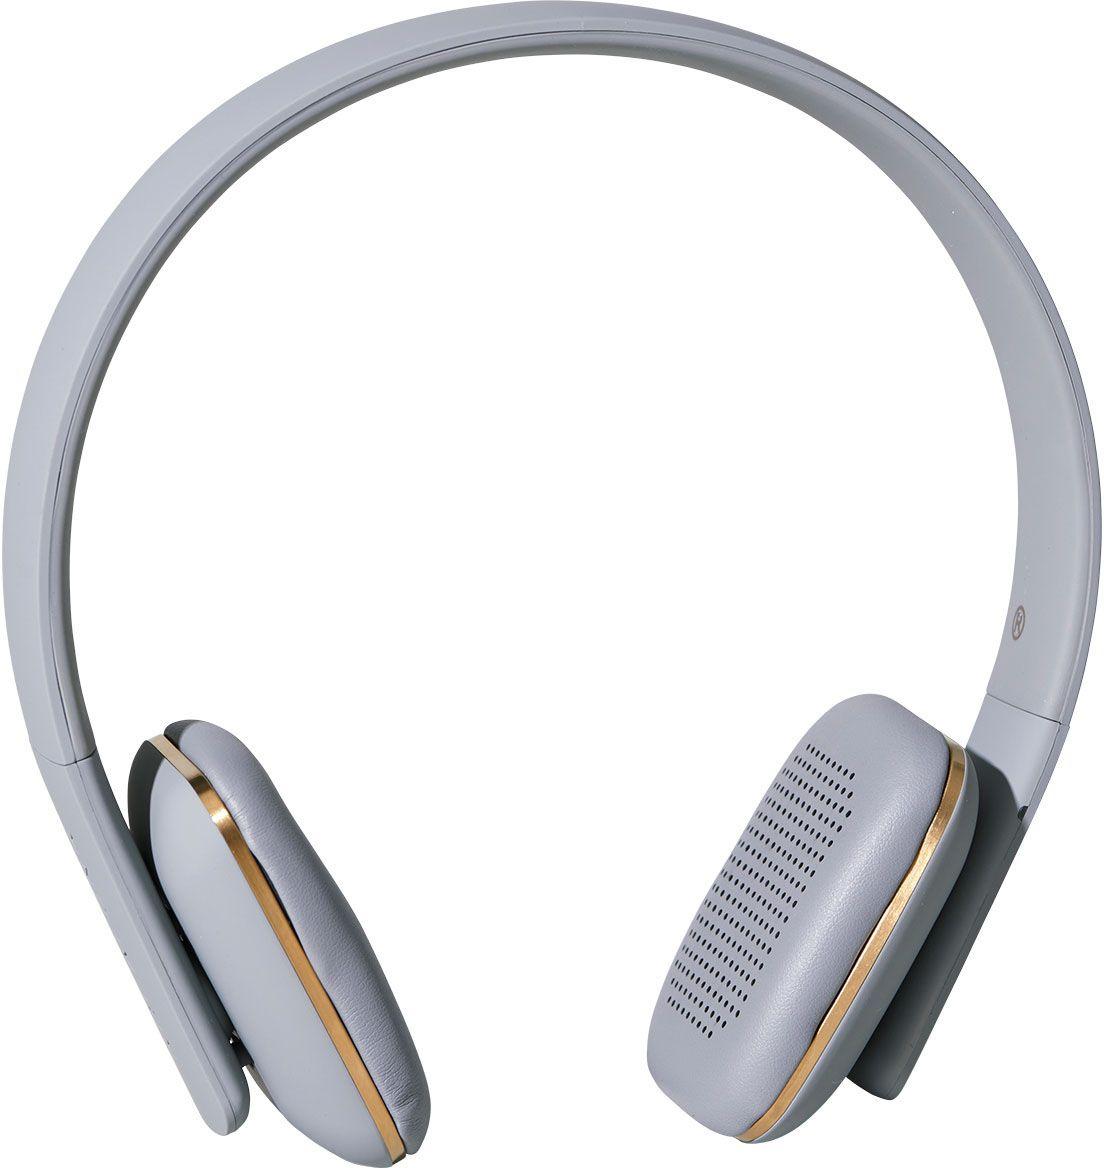 Kreafunk aHEAD, Grey наушникиKfss09Kreafunk aHEAD - беспроводные наушники, созданные для настоящих меломанов и модников. Это не только полезный гаджет, но и стильный аксессуар, который дополнит имидж и подчеркнет индивидуальность. Наушники оснащены Bluetooth-гарнитурой и совместимы с любым смартфоном. Панель управления находится на одном из наушников, что позволяет легко регулировать музыку, уровень громкости или даже принимать телефонные звонки. Подушки наушников выполнены из мягкой эко-кожи, а настраиваемый ободок имеет приятное покрытие soft touch. Великолепное качество звука, простота эксплуатации и лаконичный дизайн - этим гаджетом захочется пользоваться изо дня в день. В комплекте фирменный мешочек из PU кожи. Поставляются в стильной деревянной упаковке, поэтому могут стать отличным подарком меломанам и всем поклонникам скандинавского дизайна. Также коробку украшают слова Фридриха Ницше: Без музыки жизнь была бы ошибкой.